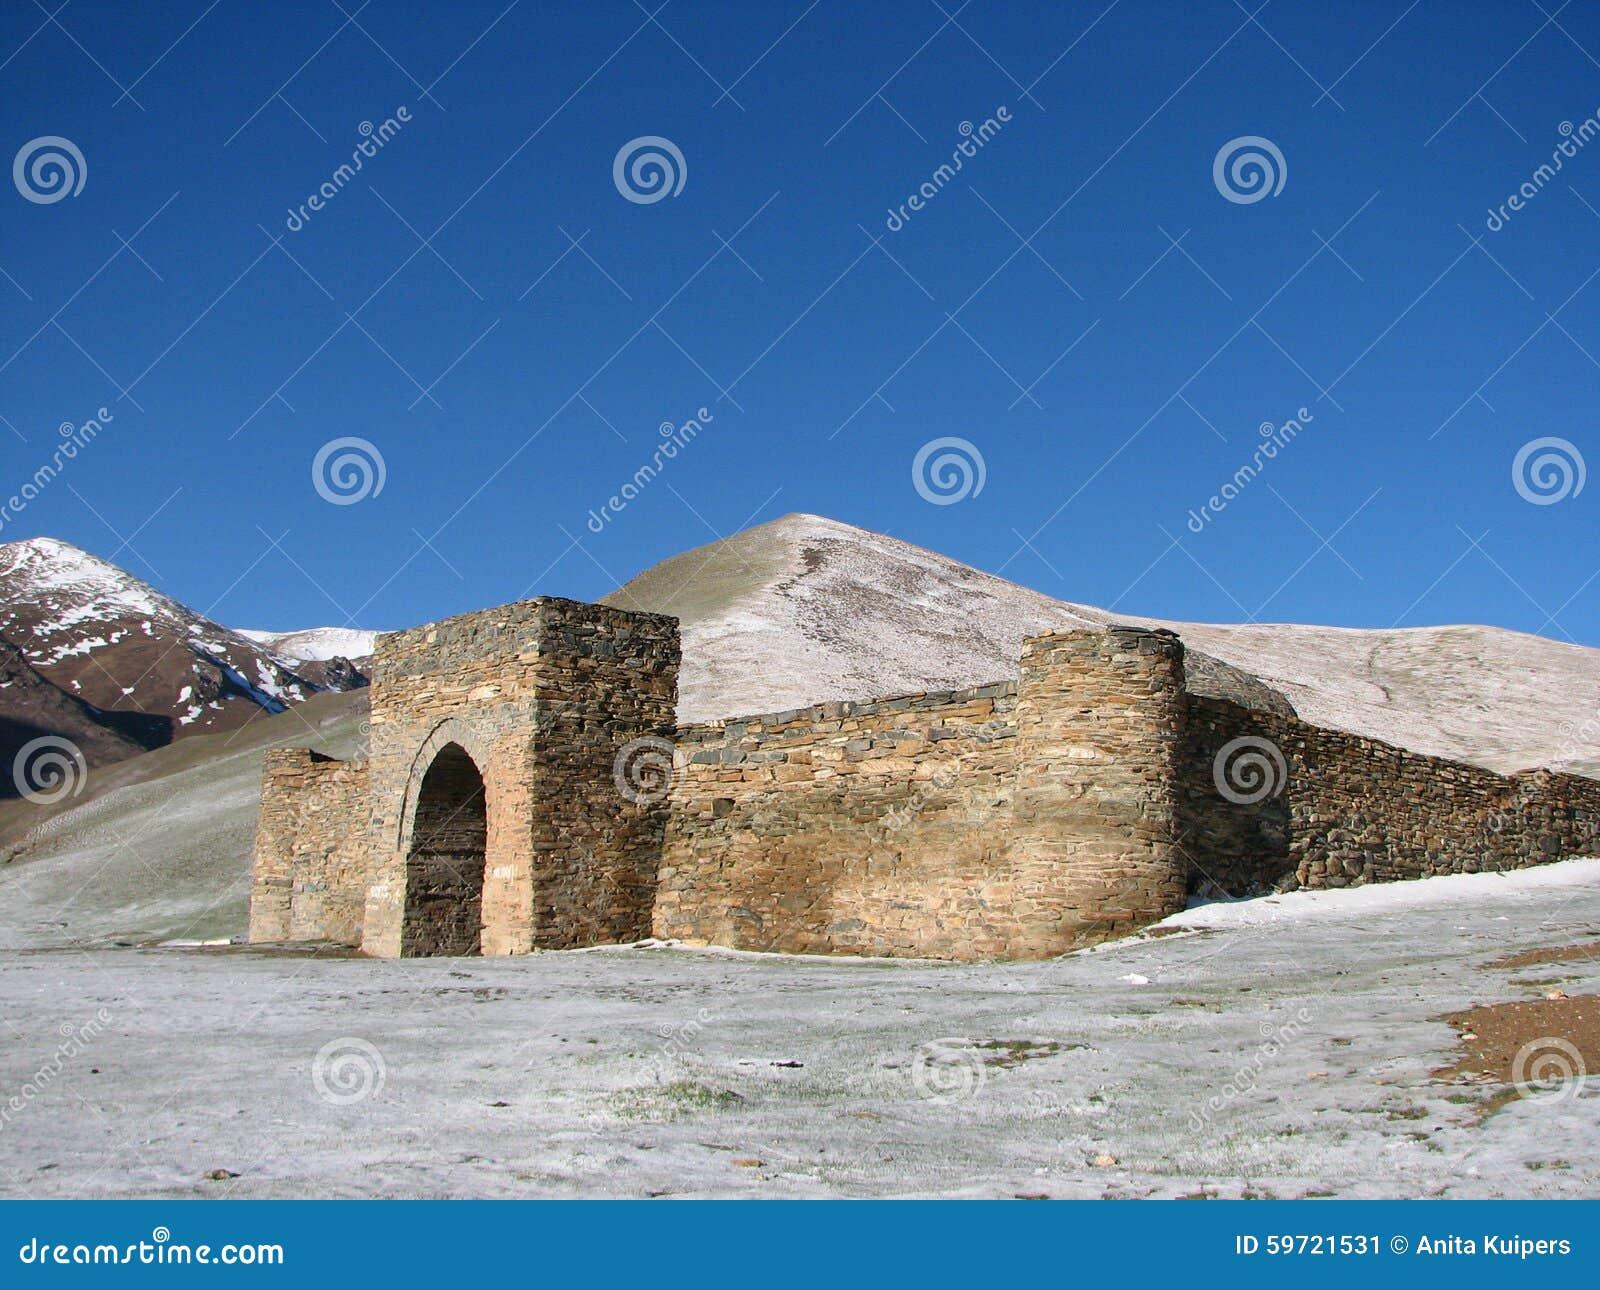 Caravanserai Tash Rabat in Kyrgyzstan